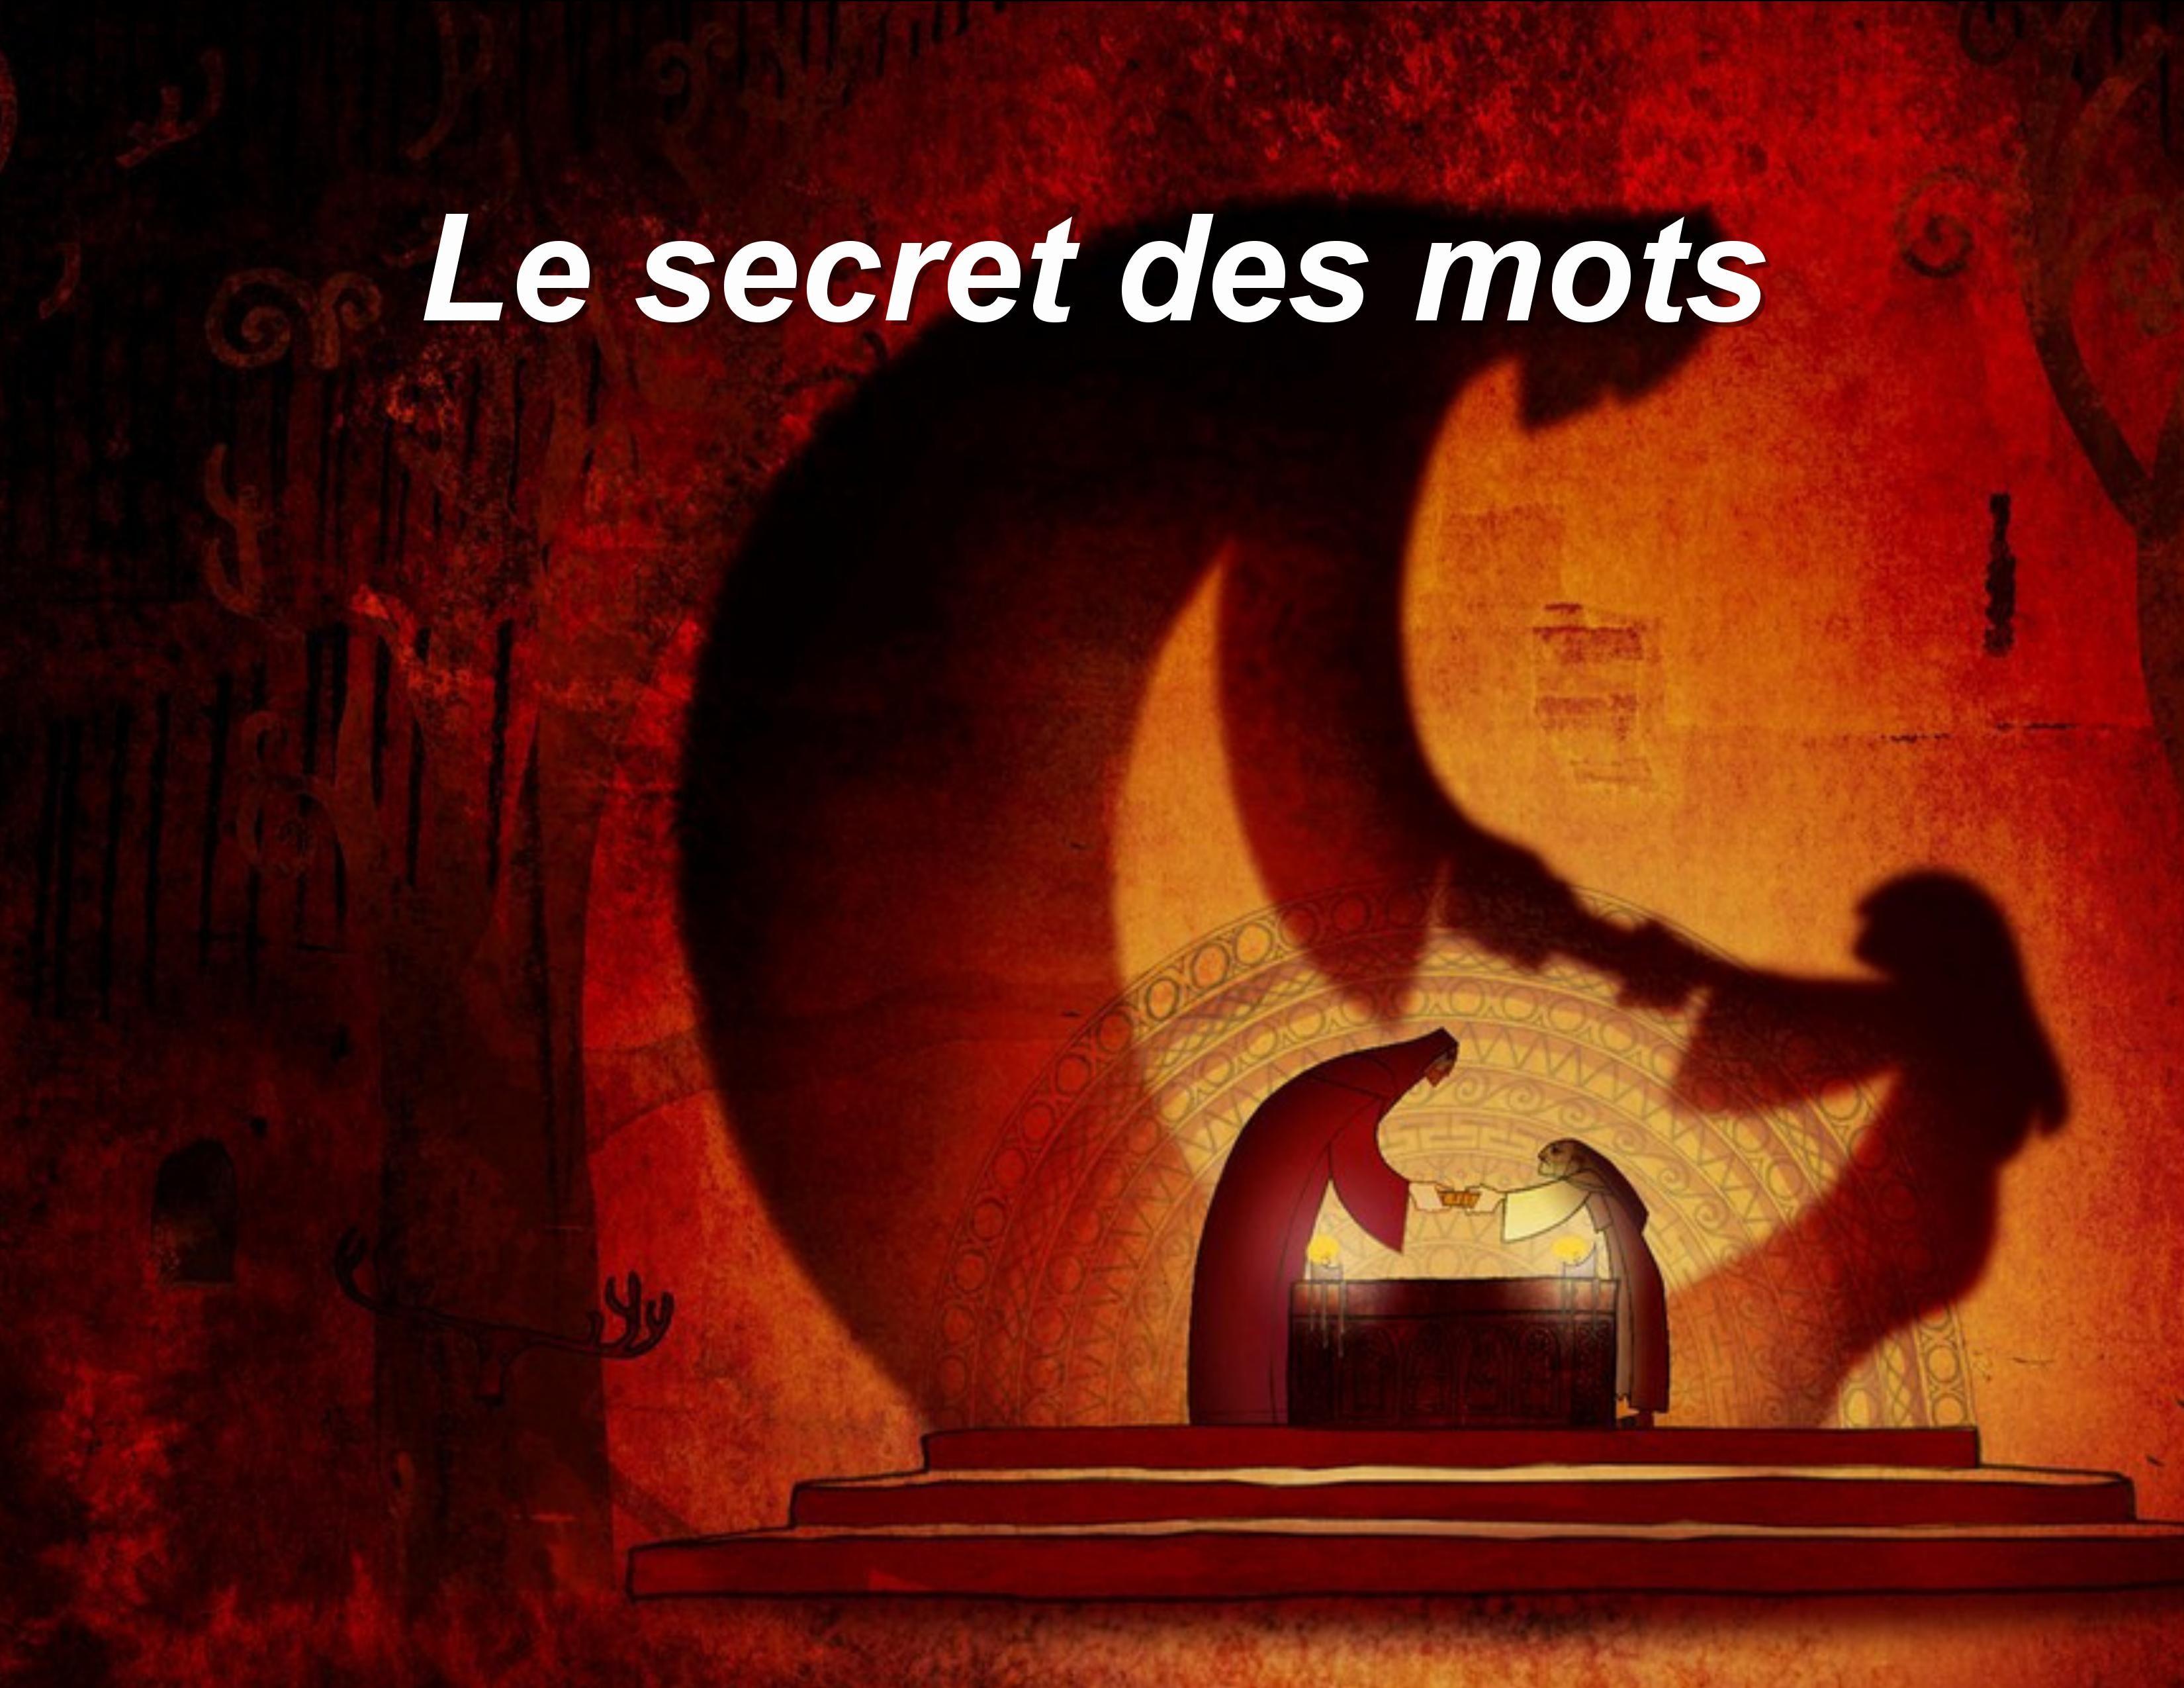 Le secret des mots 18